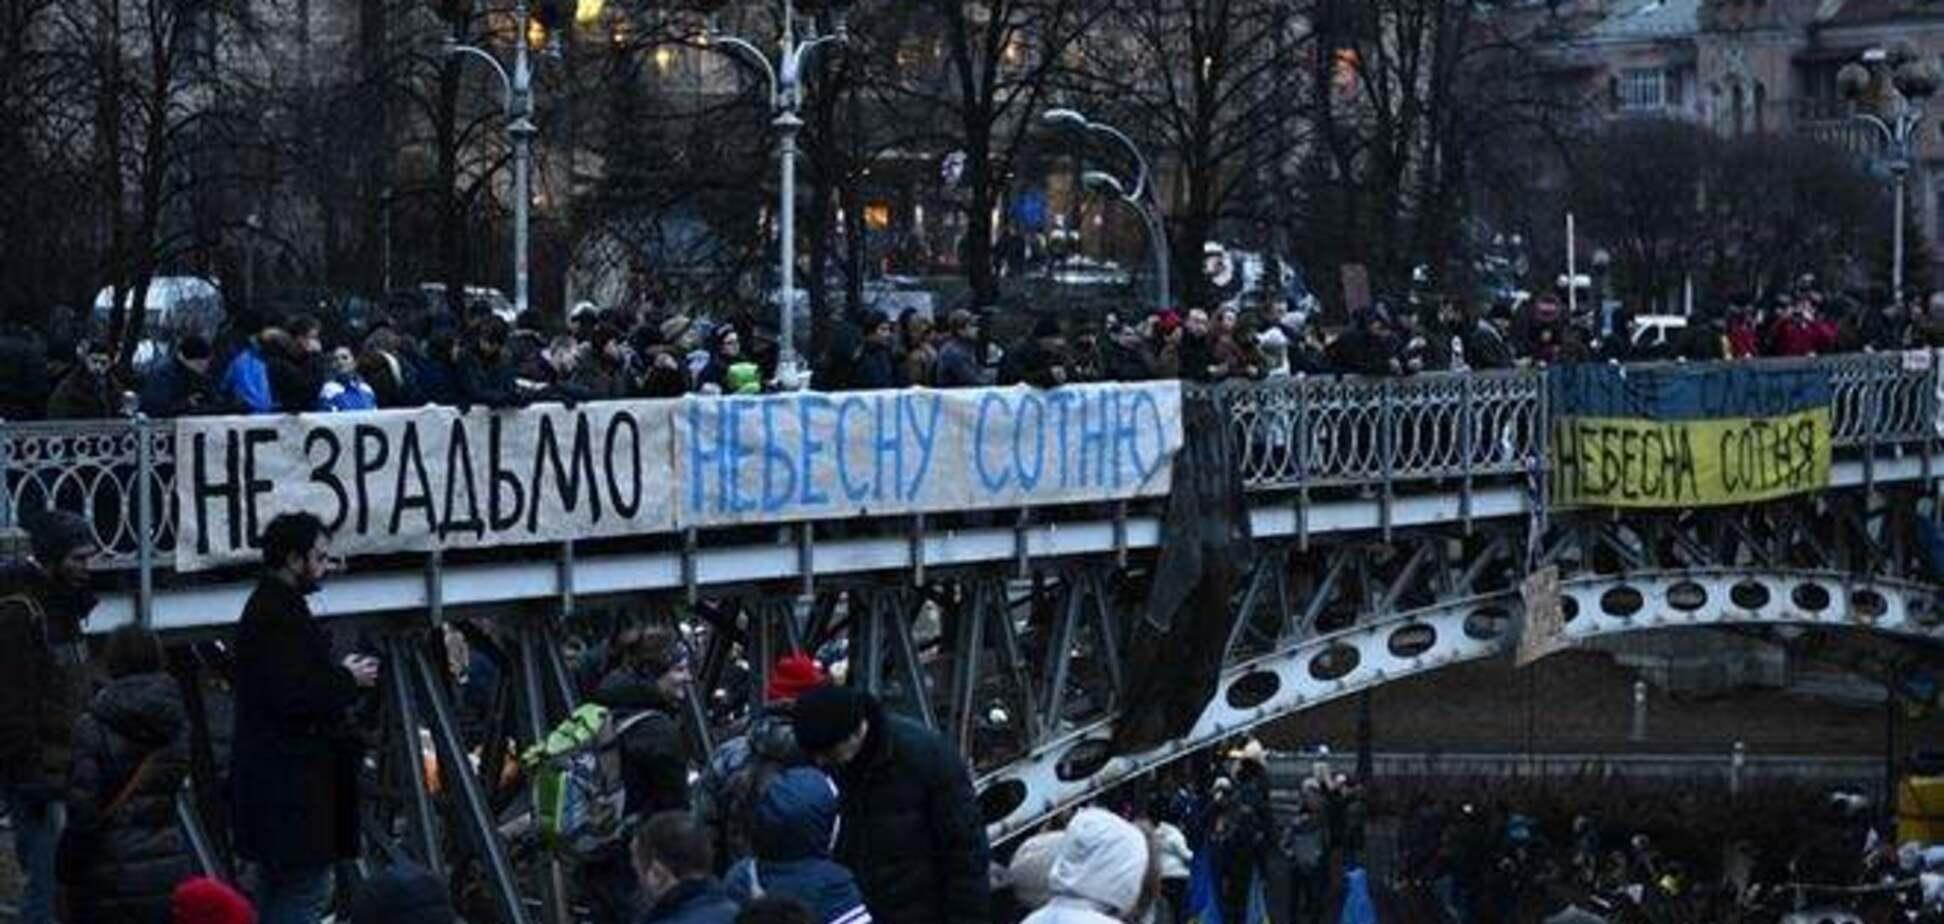 МОЗ назвало повідомлення про 780 загиблих на Майдані провокацією